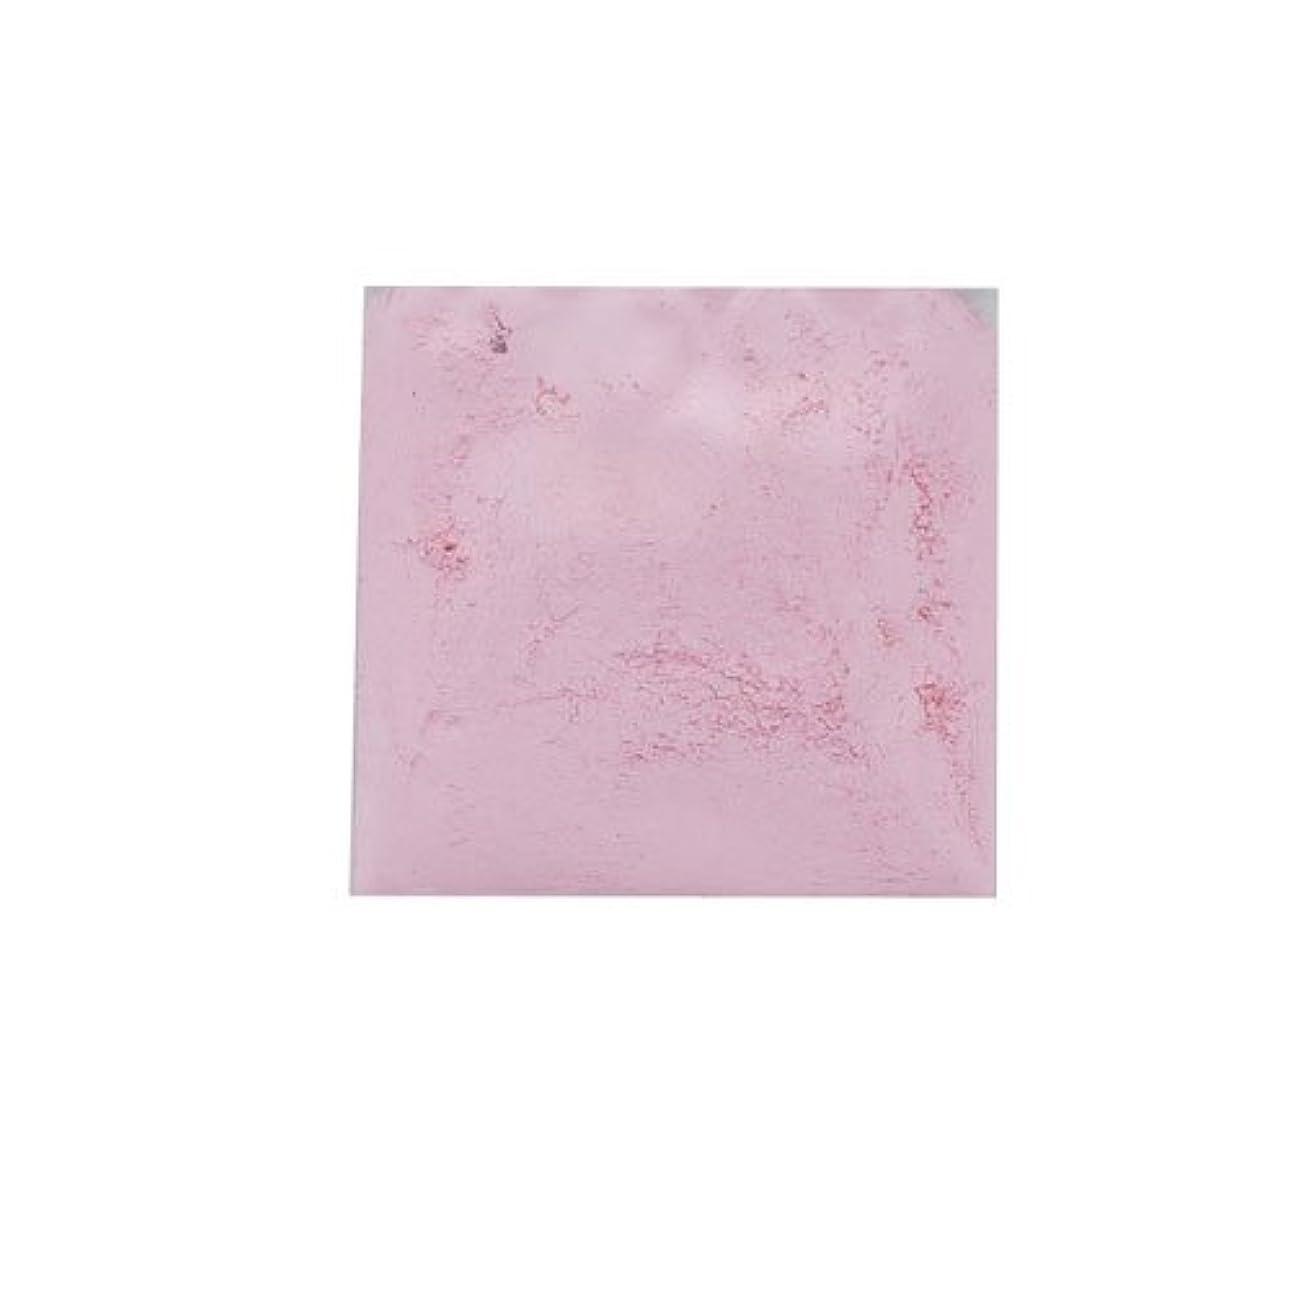 降ろすコインランドリー寄り添うピカエース ネイル用パウダー カラーパウダー 着色顔料 #720 ストロベリーミルク 2g